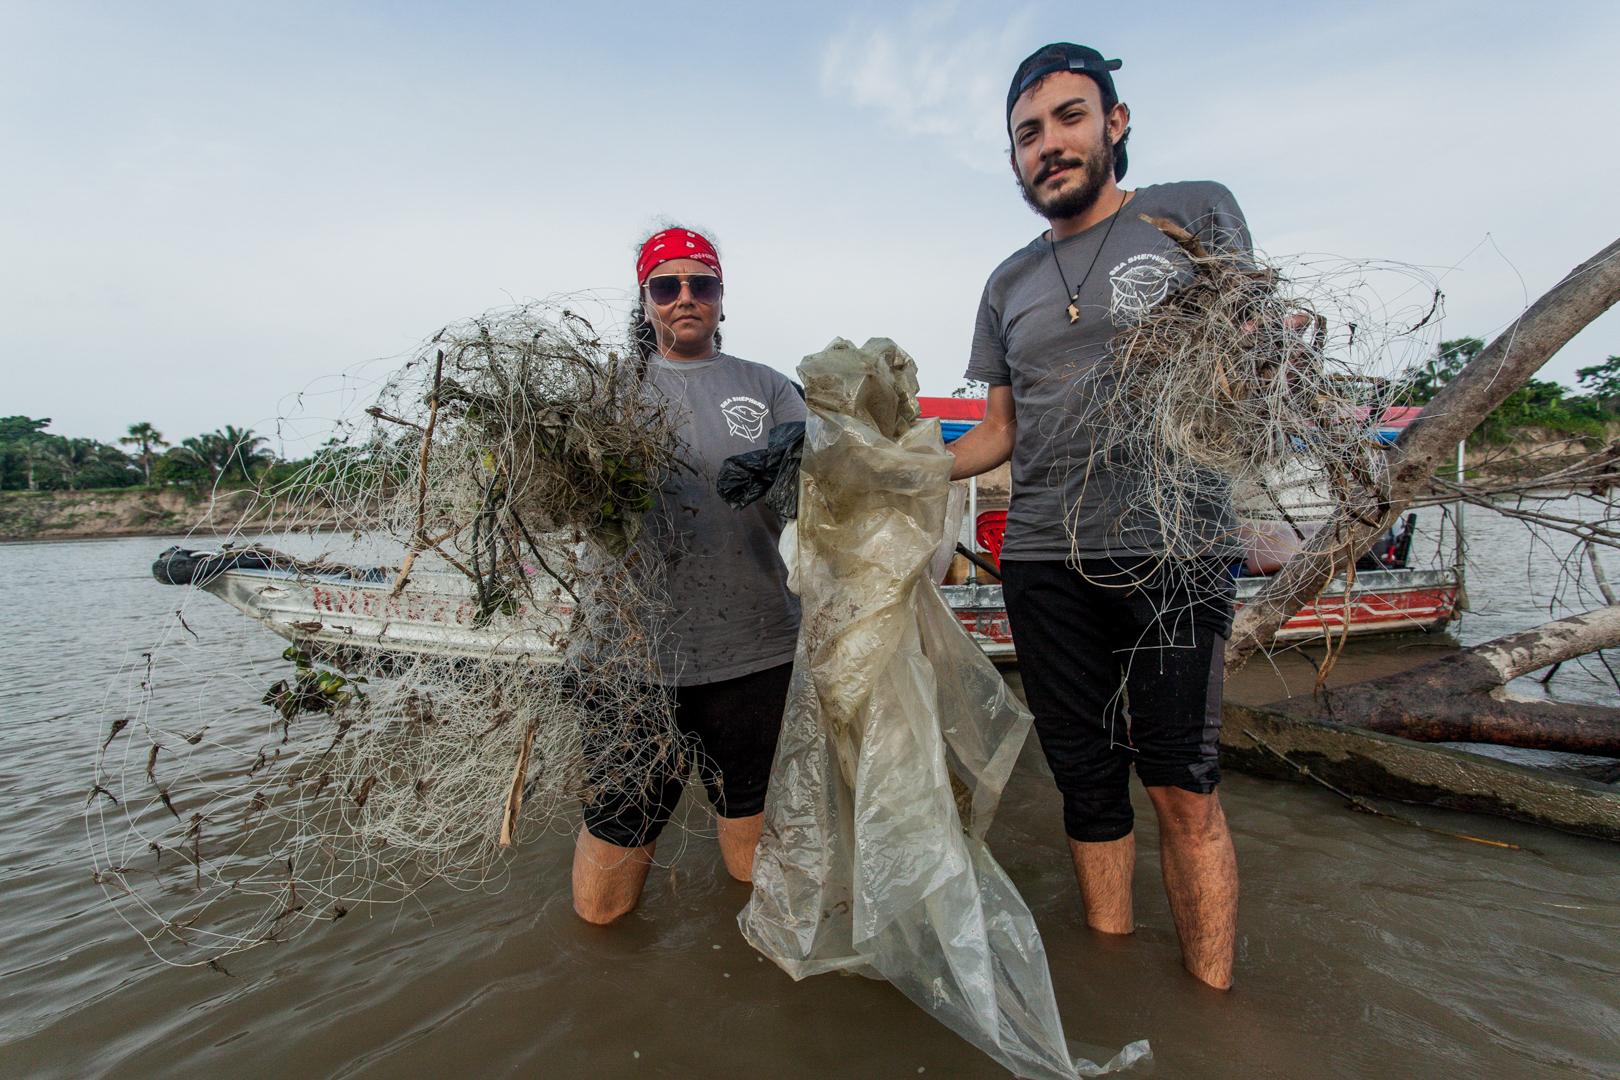 Tripulação segura redes de pesca retiradas do rio